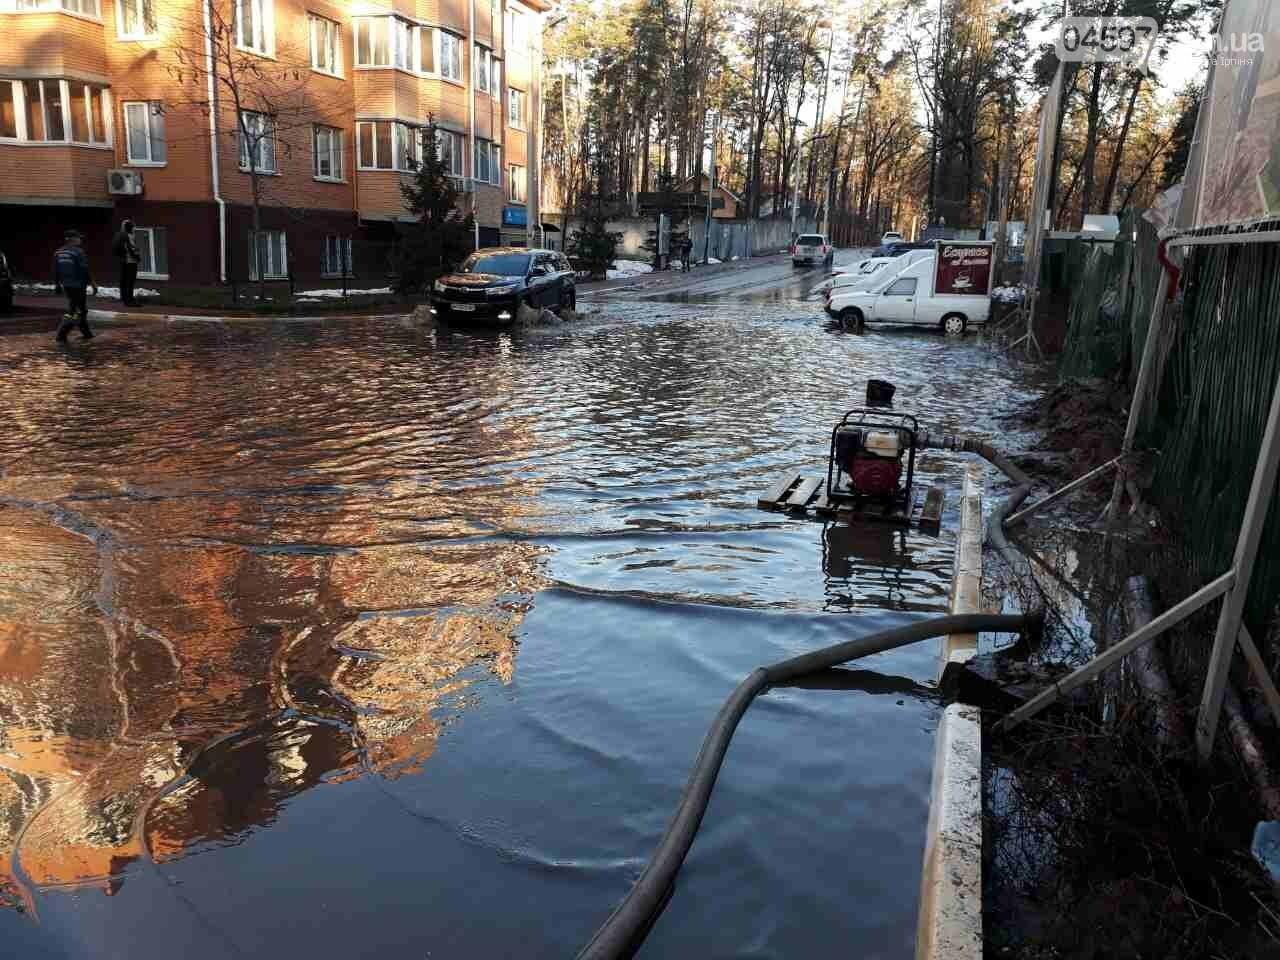 Рятувальники відкачали воду з підтоплених будинків в Ірпені, фото-1